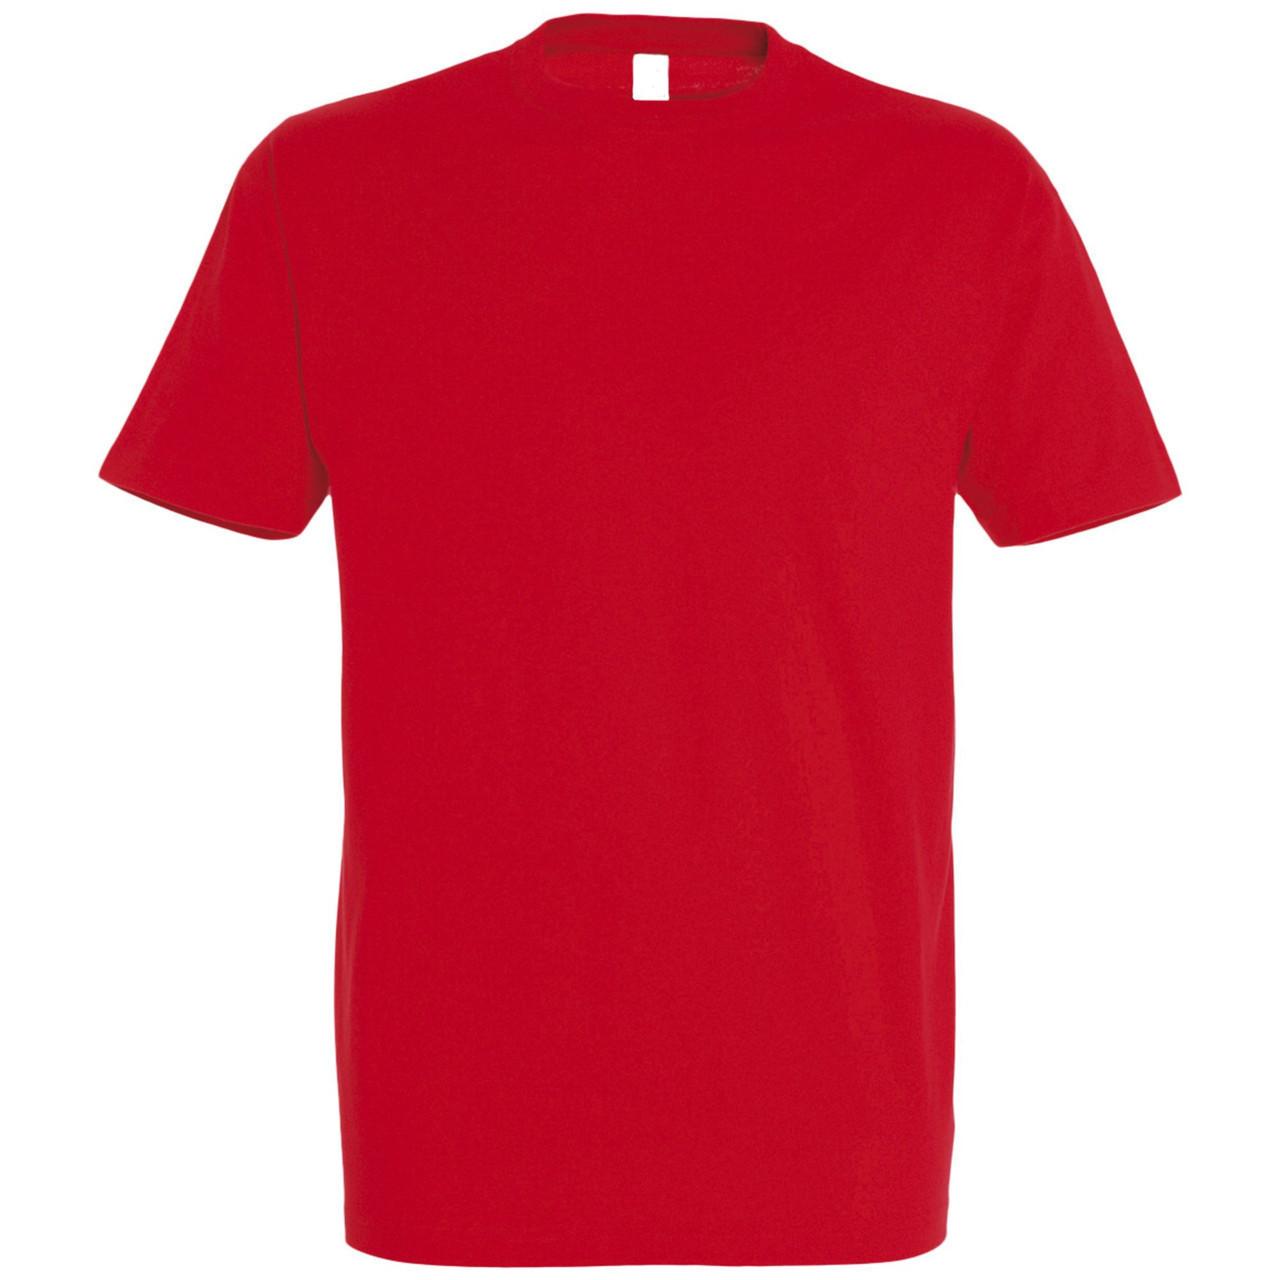 Oднотонная футболка   Красная   160 гр.   L